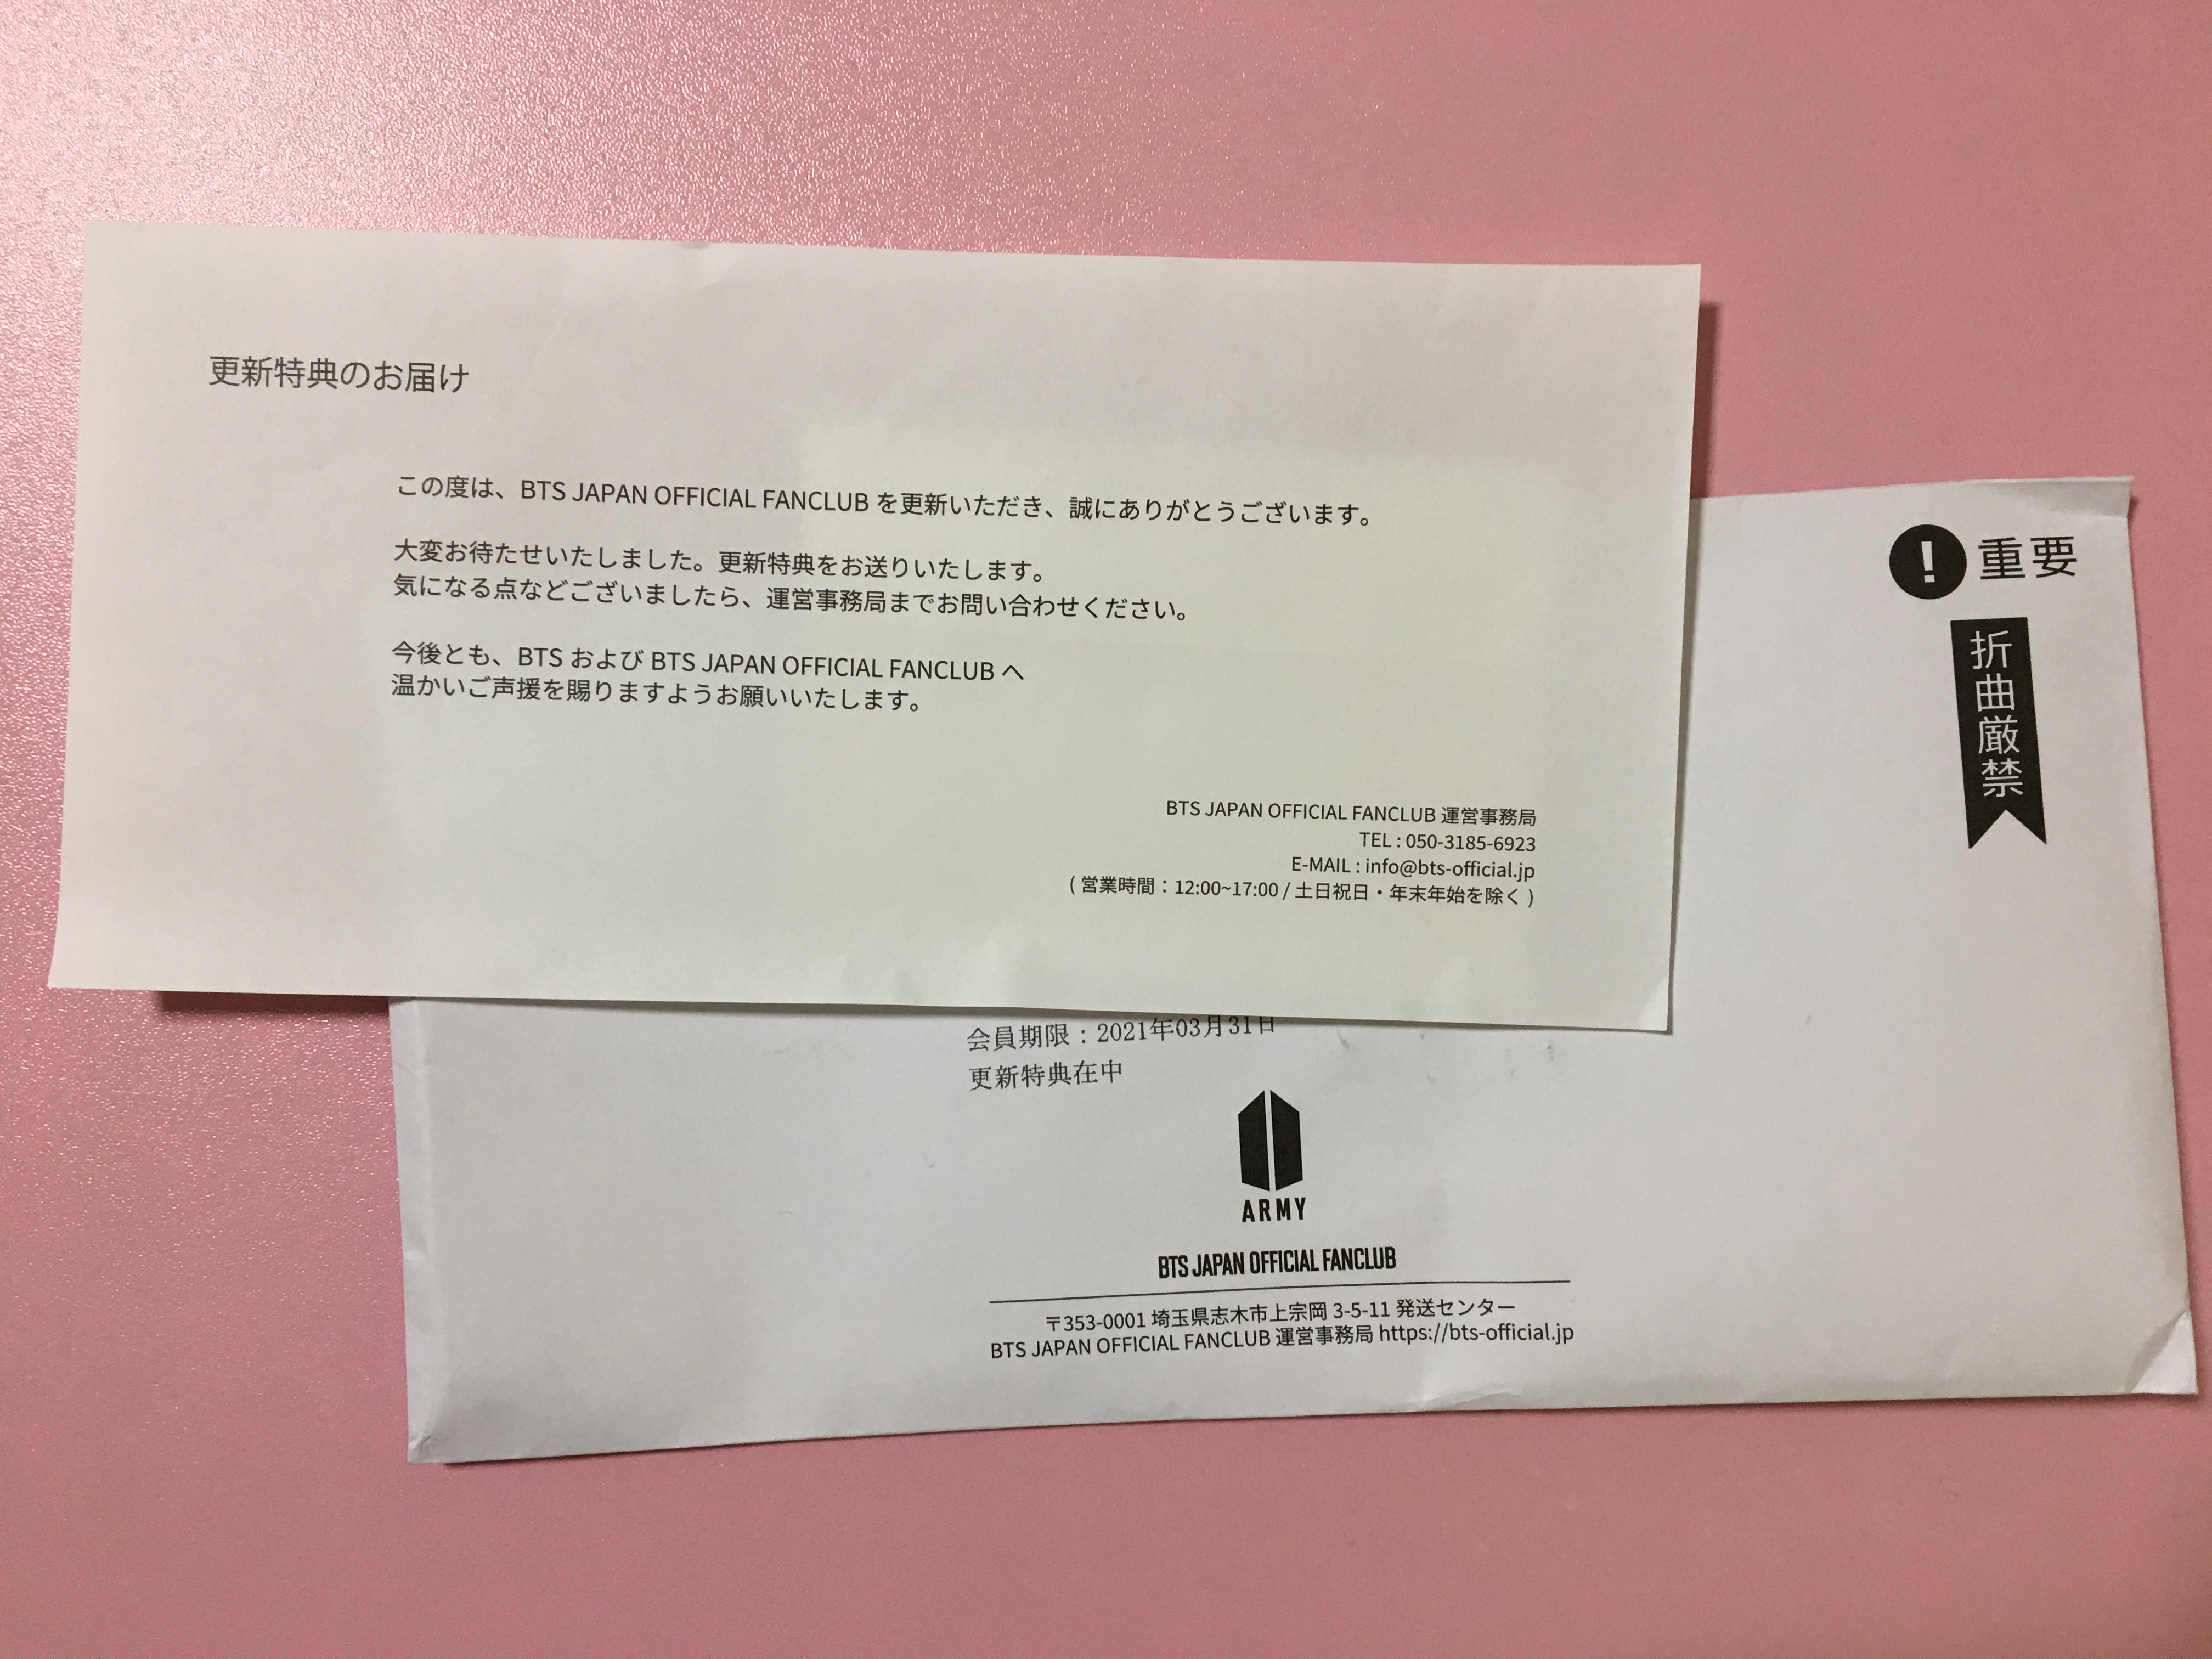 ジャパン ファン クラブ bts